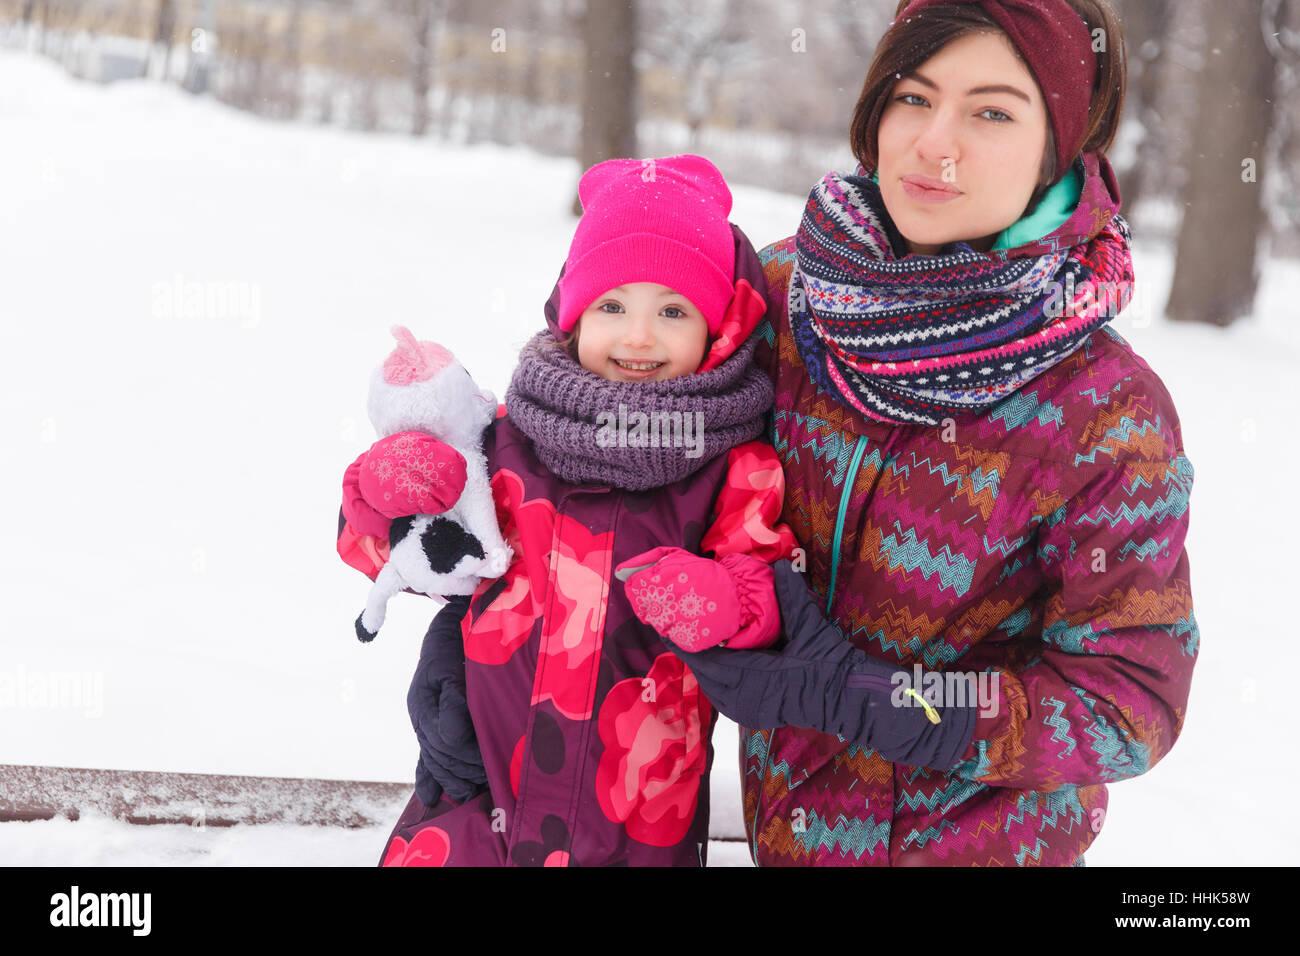 Winter-Spaziergang-Mutter mit Tochter Stockbild